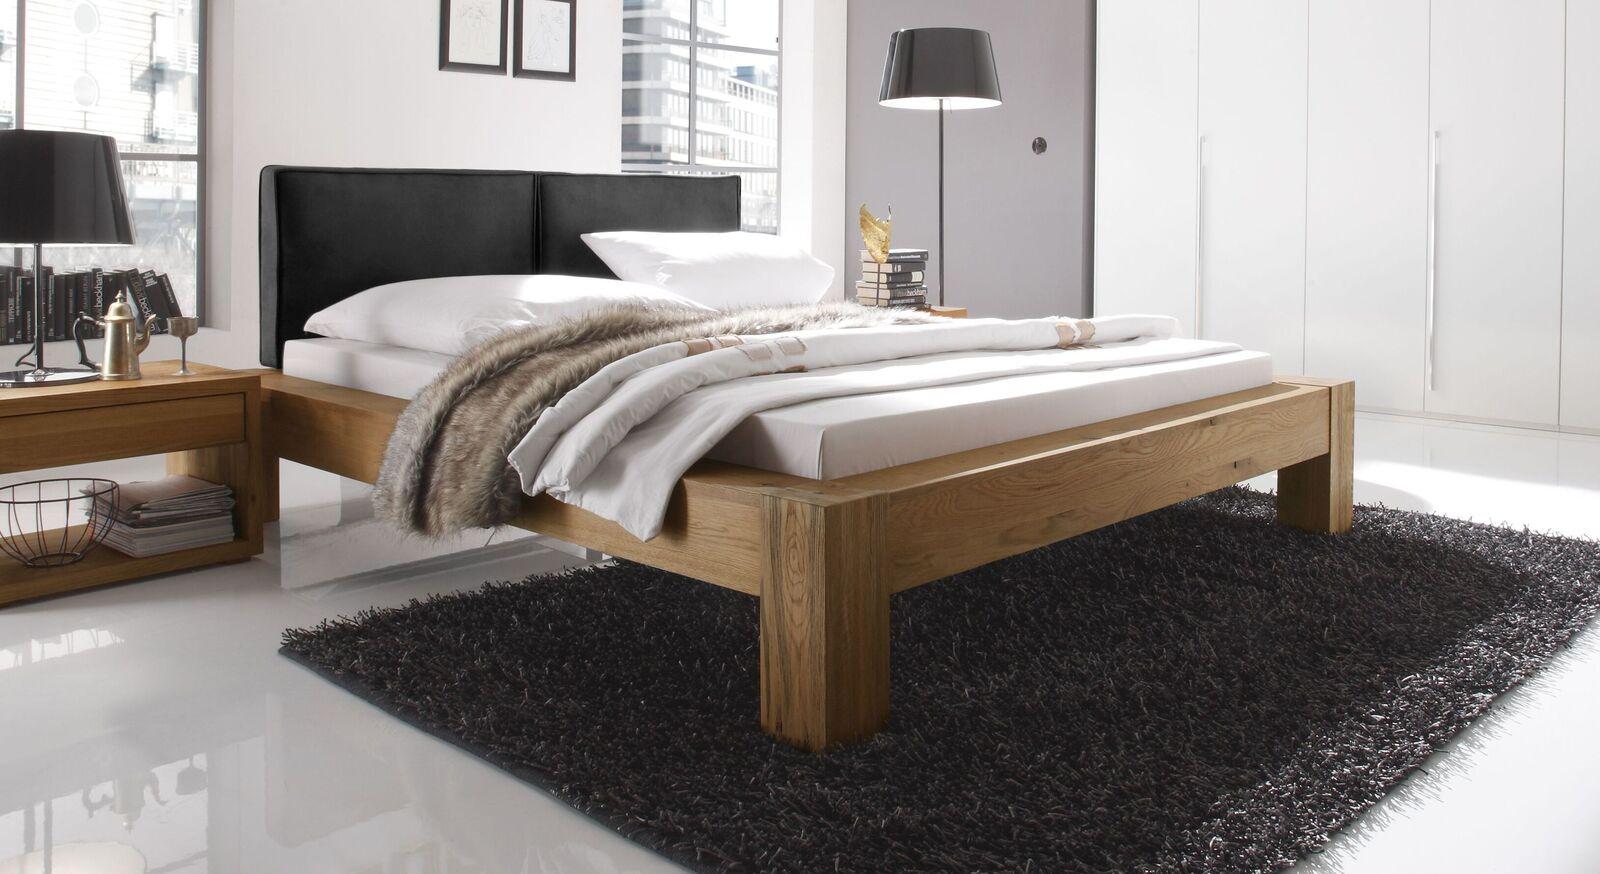 Bett Maia aus naturfarbenem Wildeichenholz und schwarzem Kopfteil